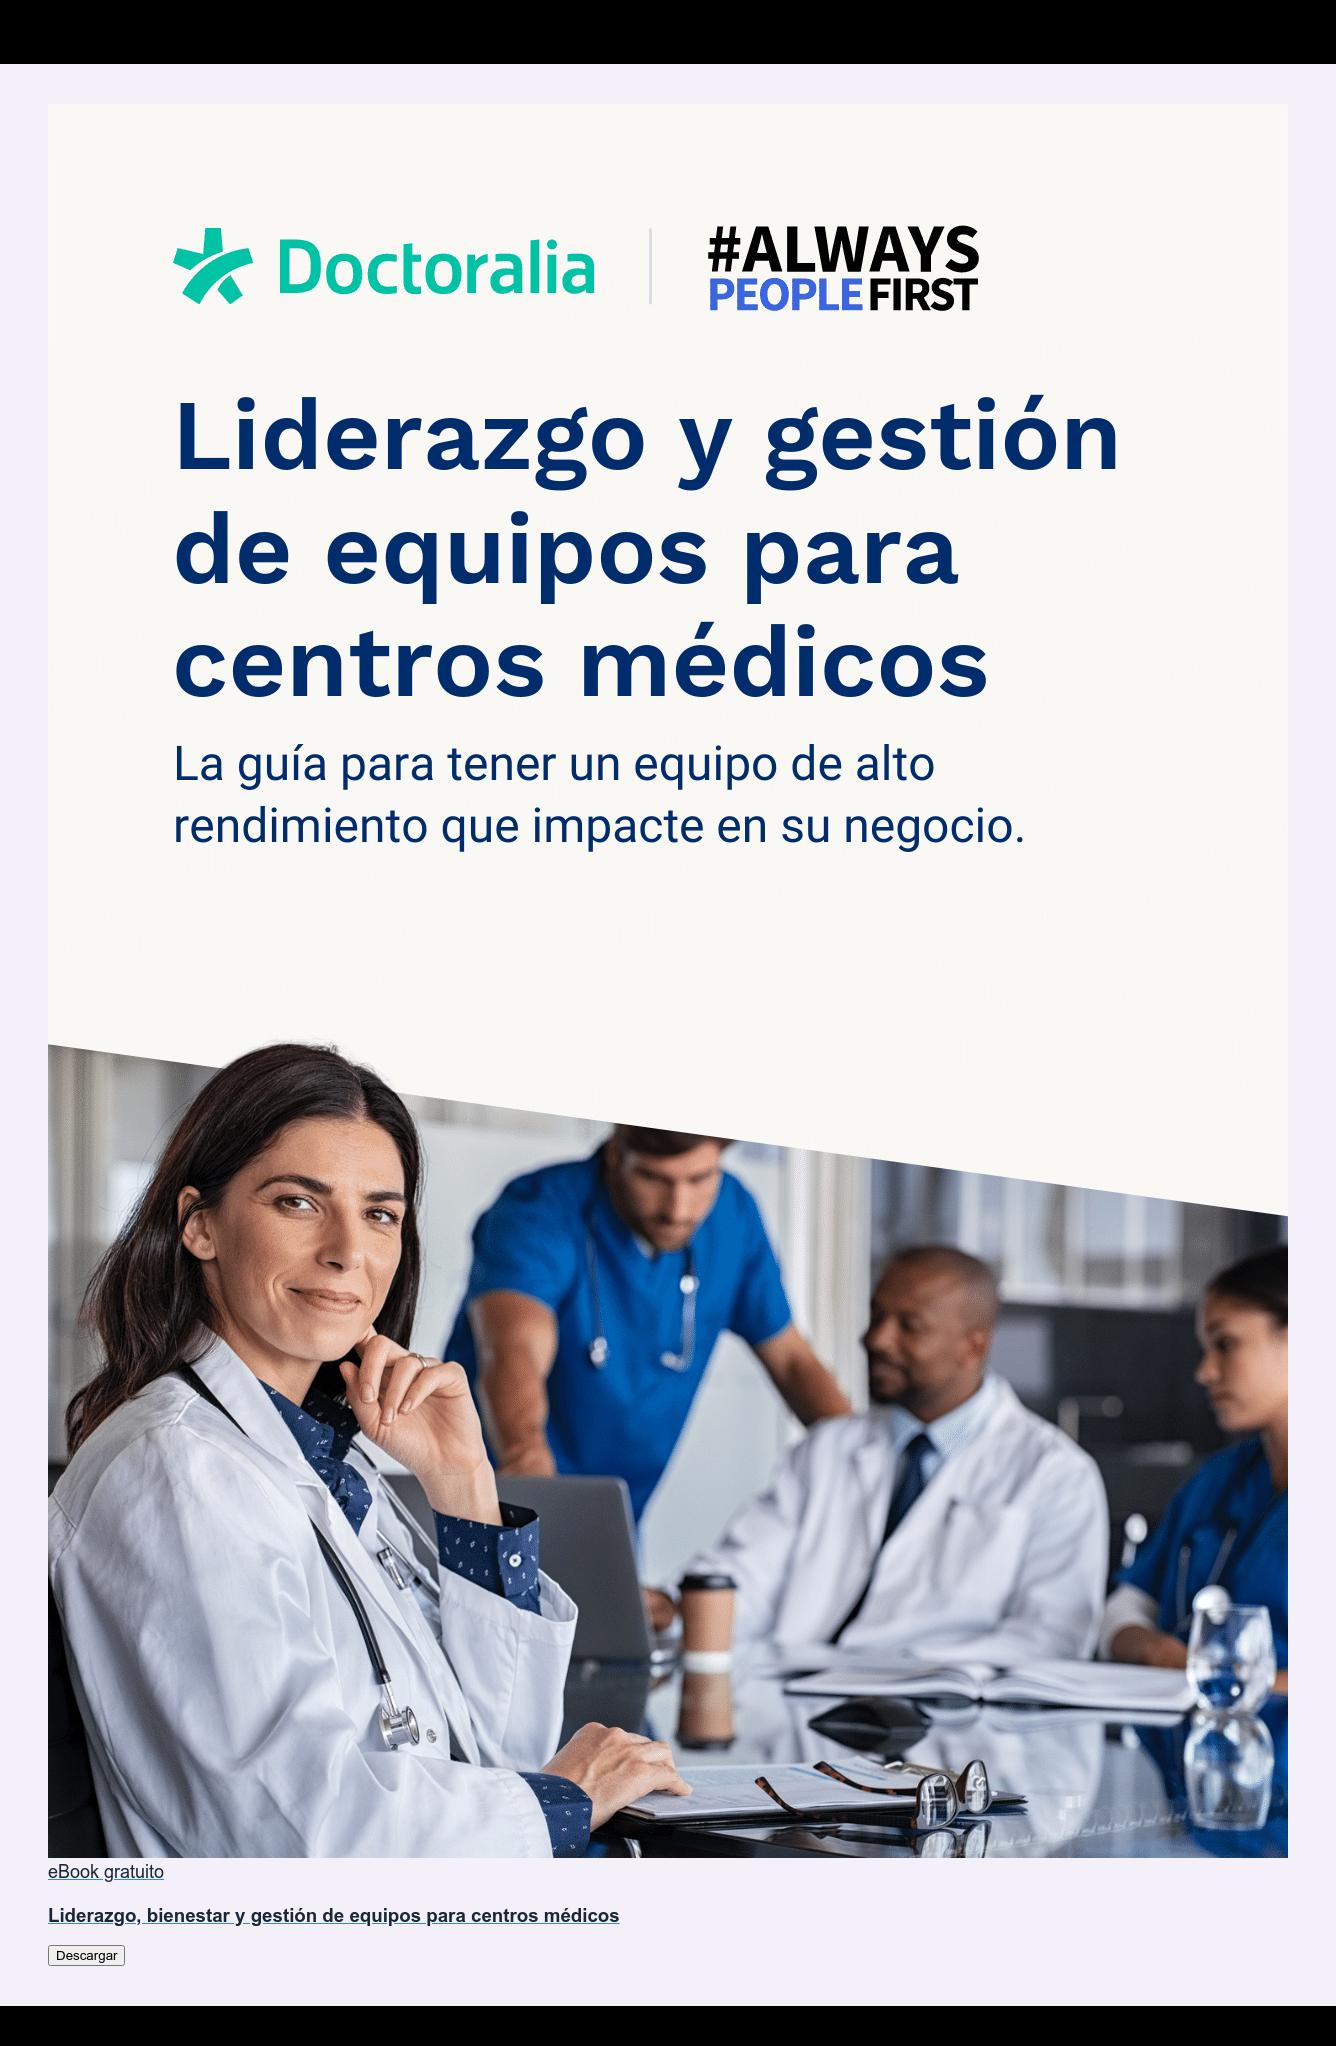 eBook gratuito  Liderazgo, bienestar y gestión de equipos para centros médicos Descargar